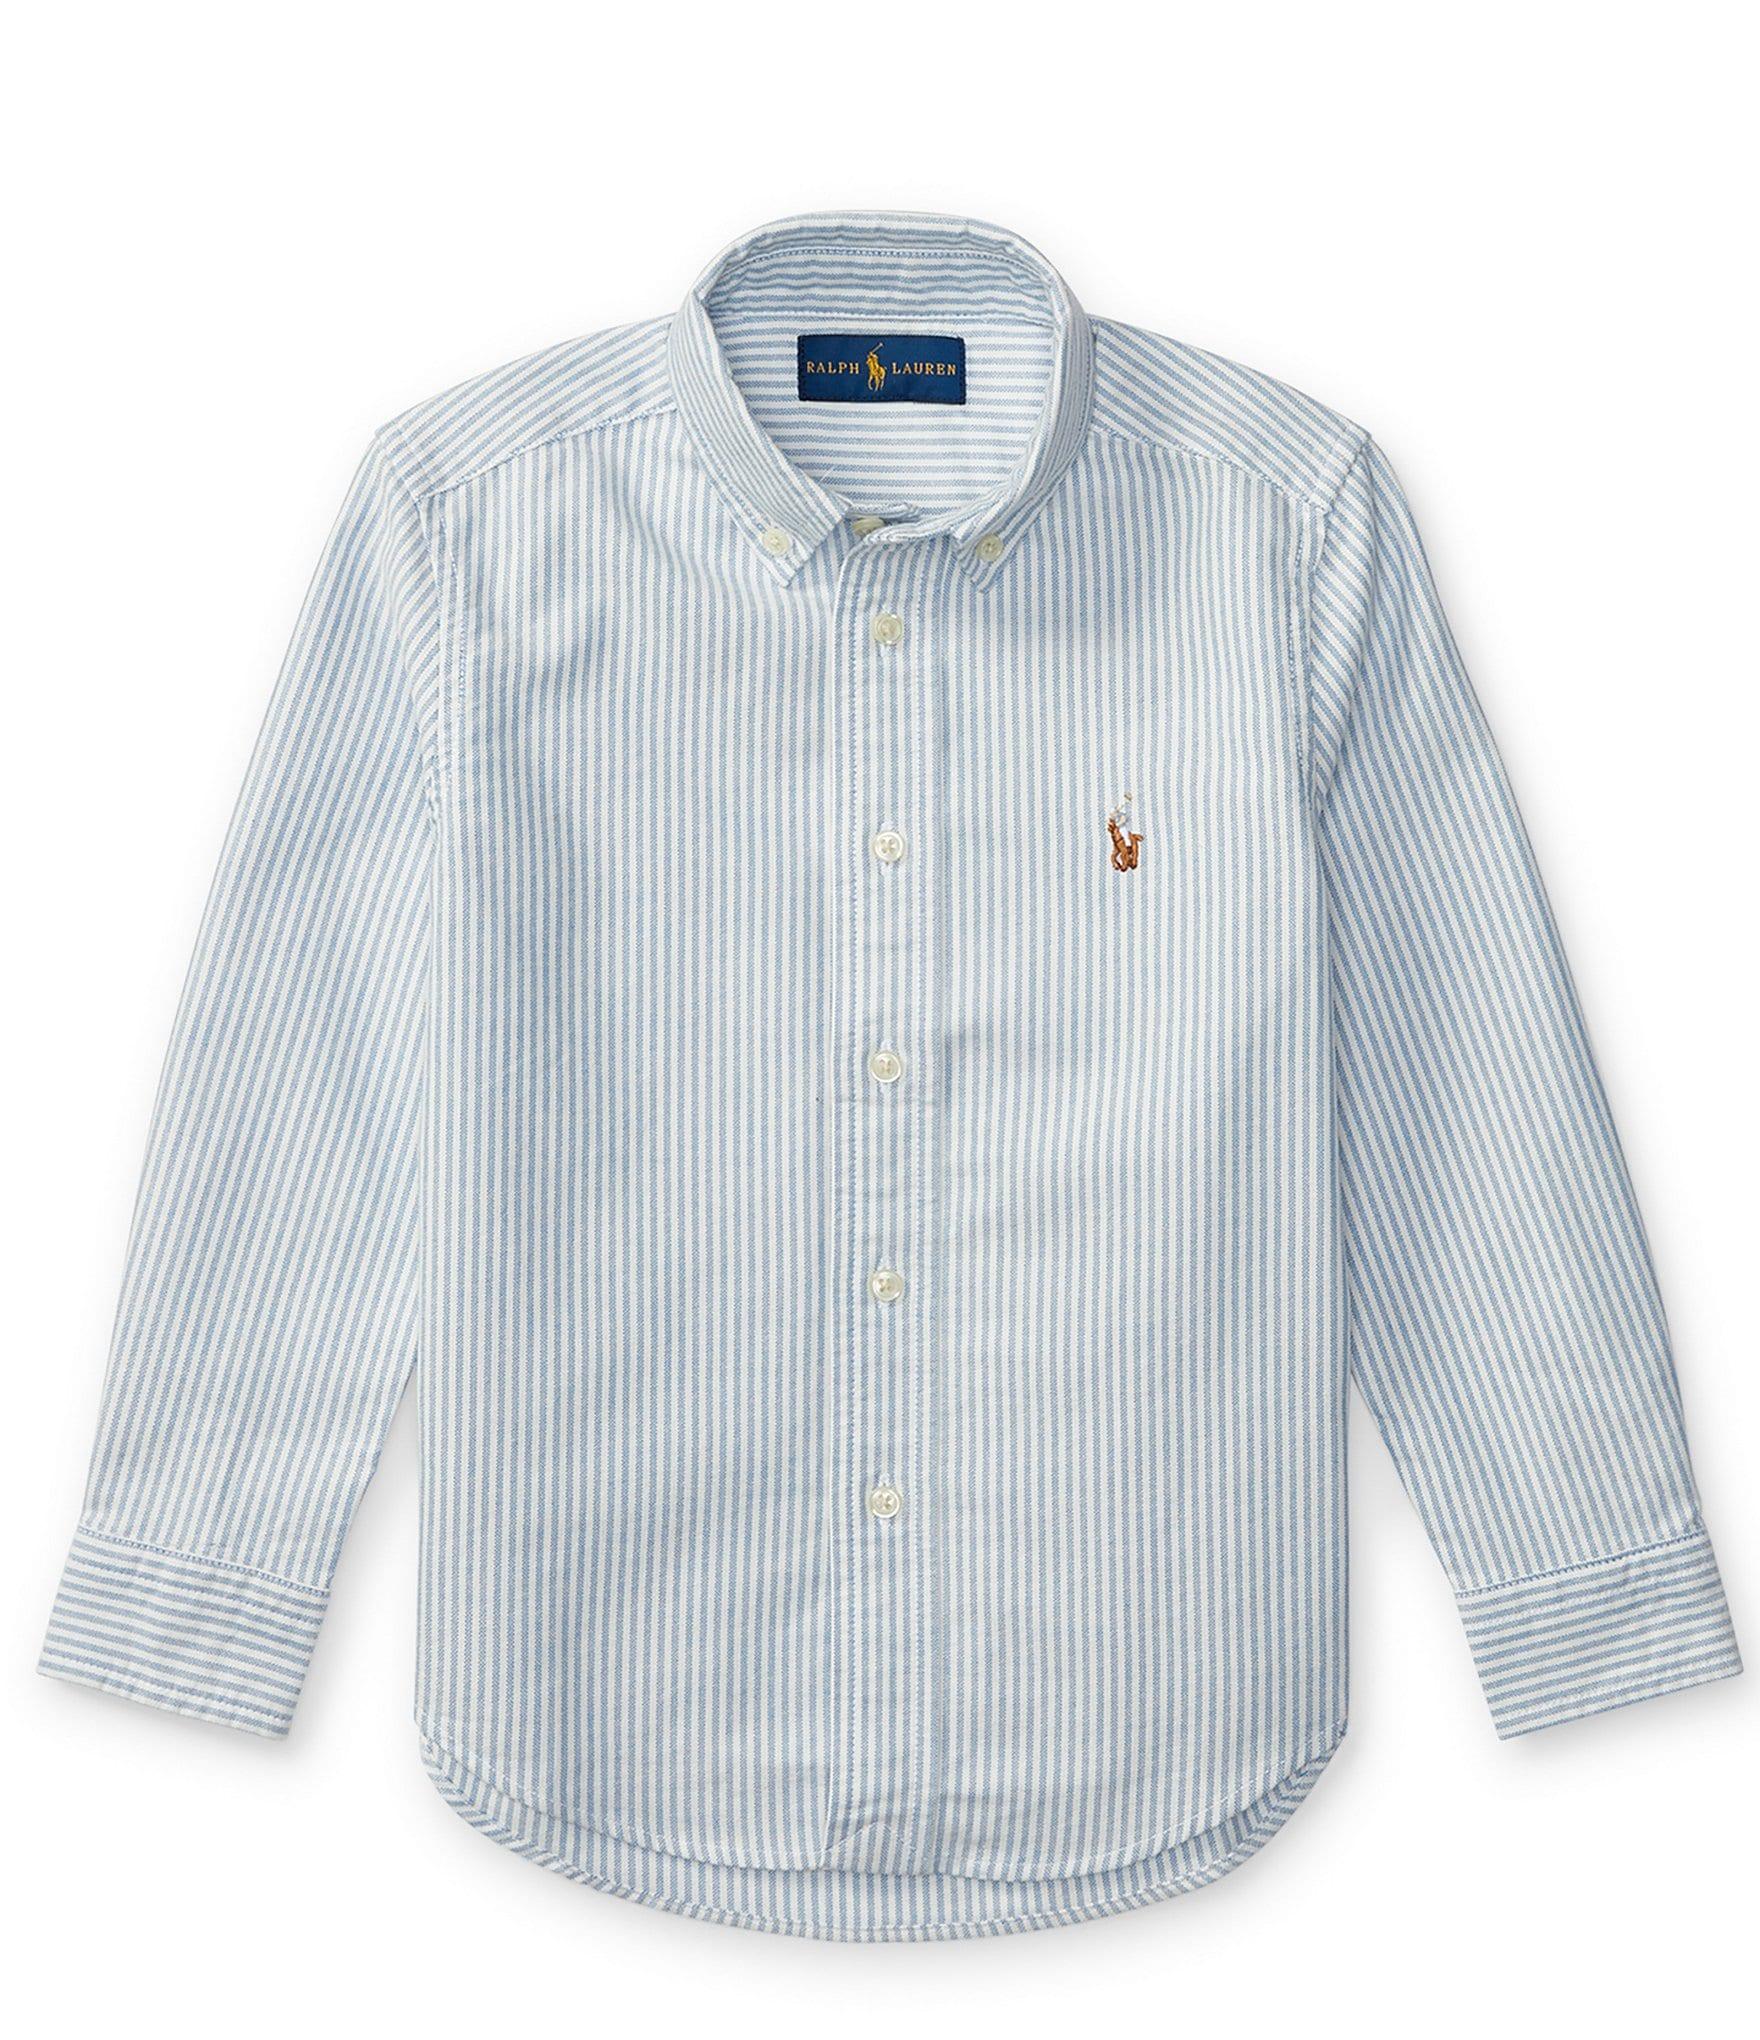 Ralph Lauren Childrenswear Little Boys 2T 7 Striped Long Sleeve Oxford Shirt Dillards